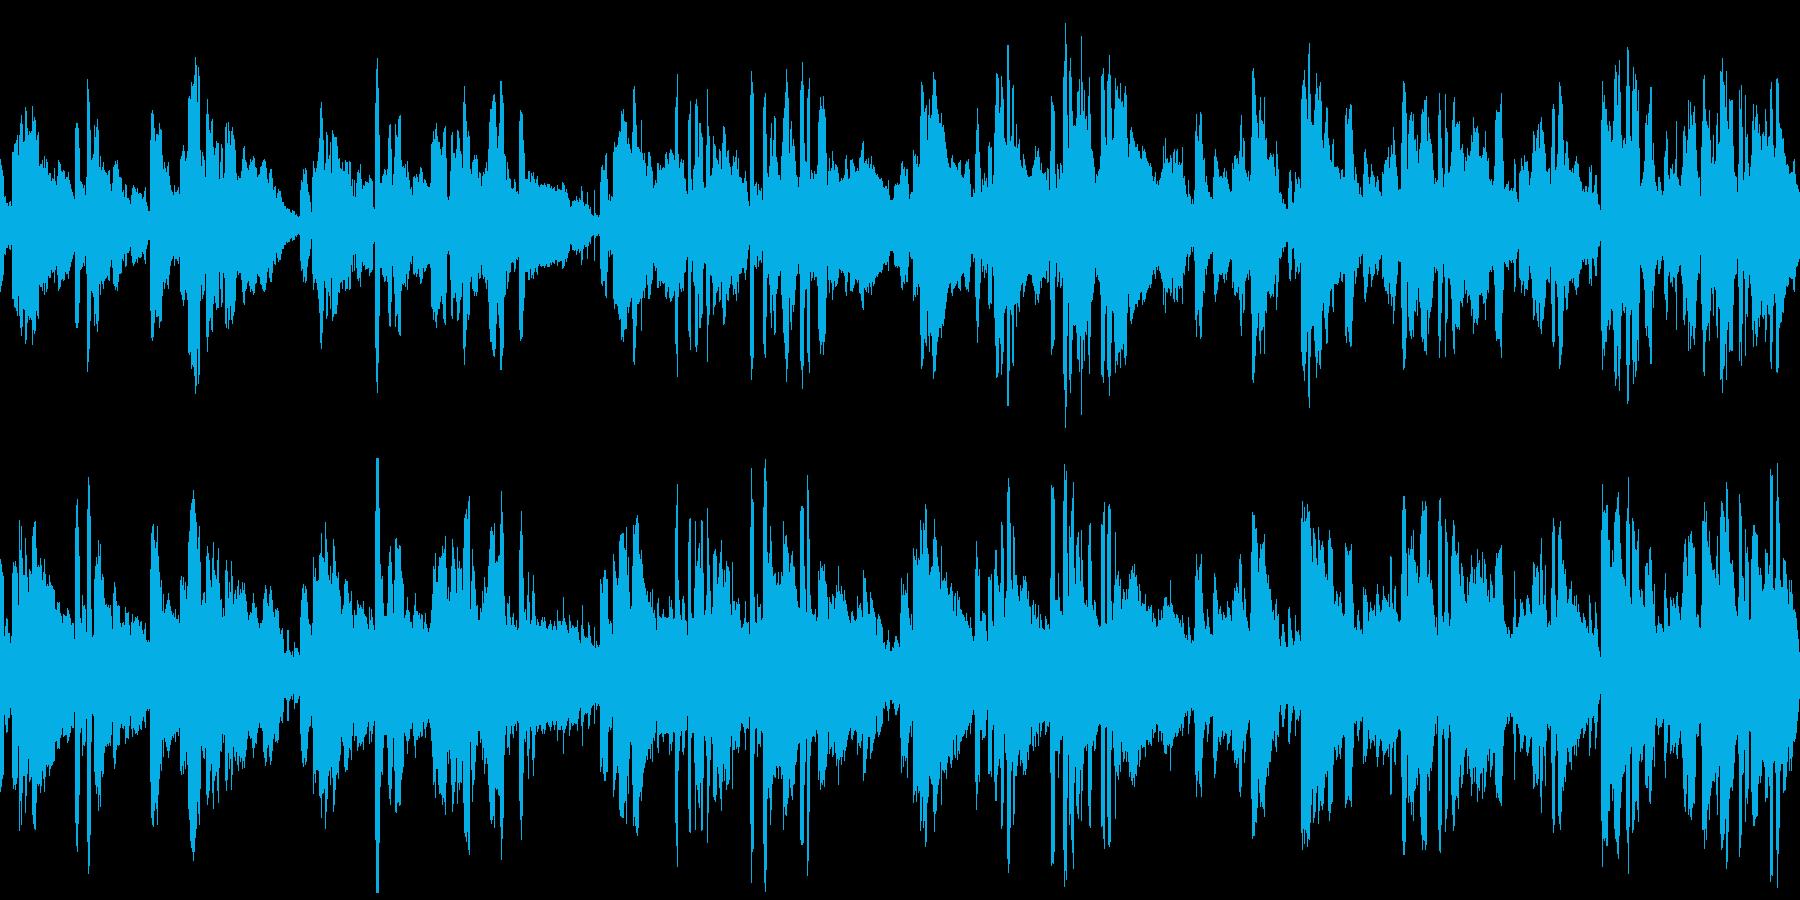 ほのぼのした癒やしケルト曲の再生済みの波形